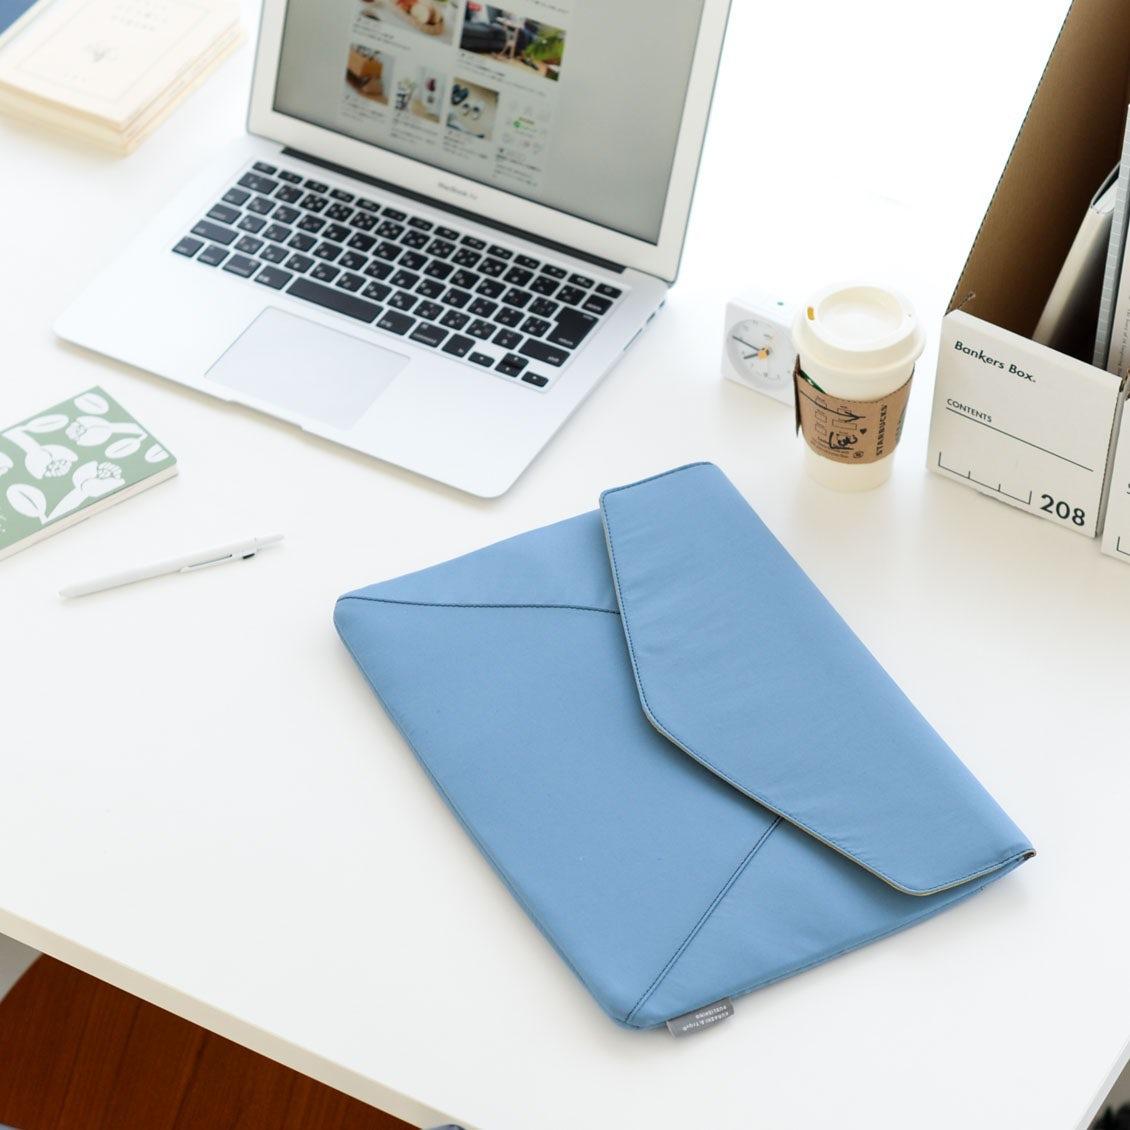 【新商品】スリムだから持ち歩きやすい。かわいいレター型のPCケースをつくりました!